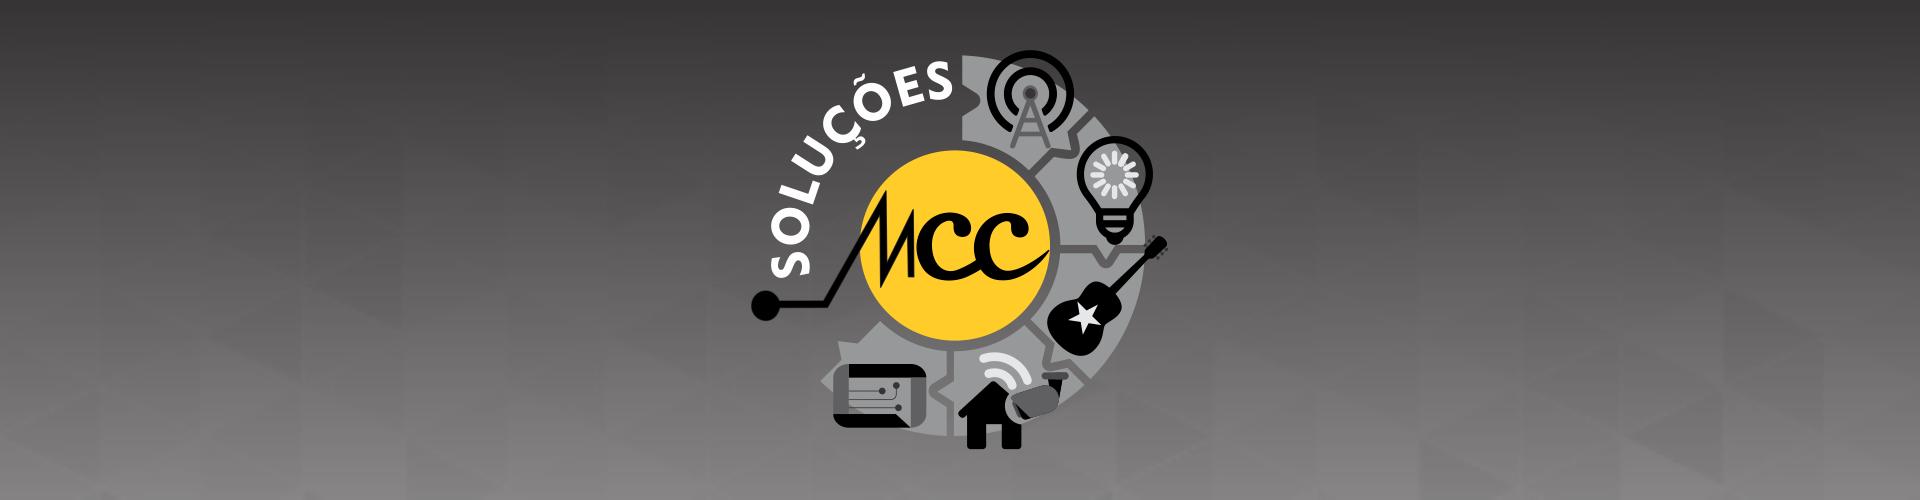 mcc_fullbanner-0